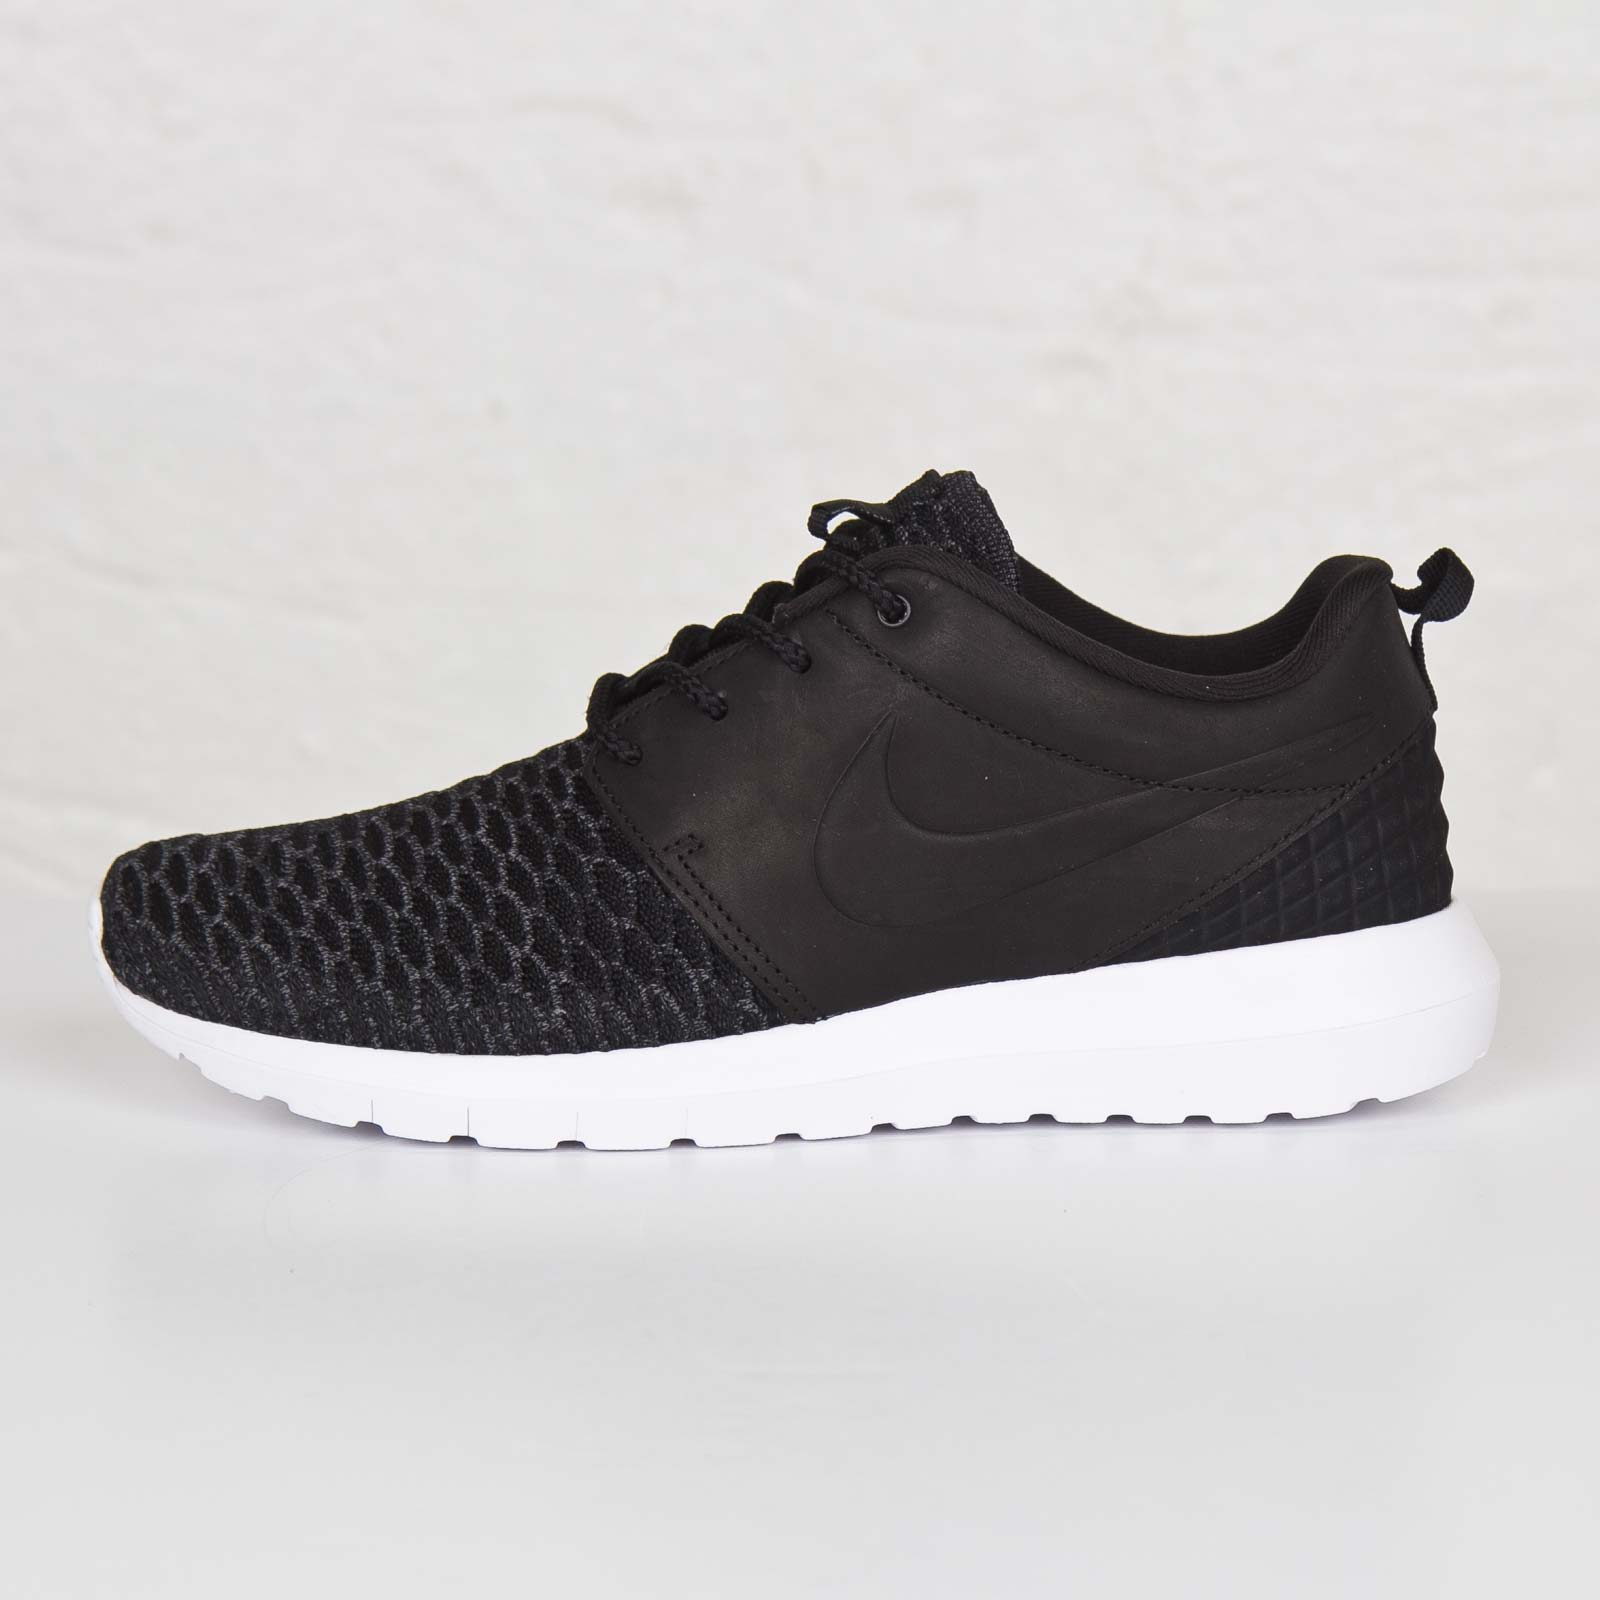 1e7f5cb82f19 Nike Roshe NM Flyknit Premium - 746825-001 - Sneakersnstuff ...